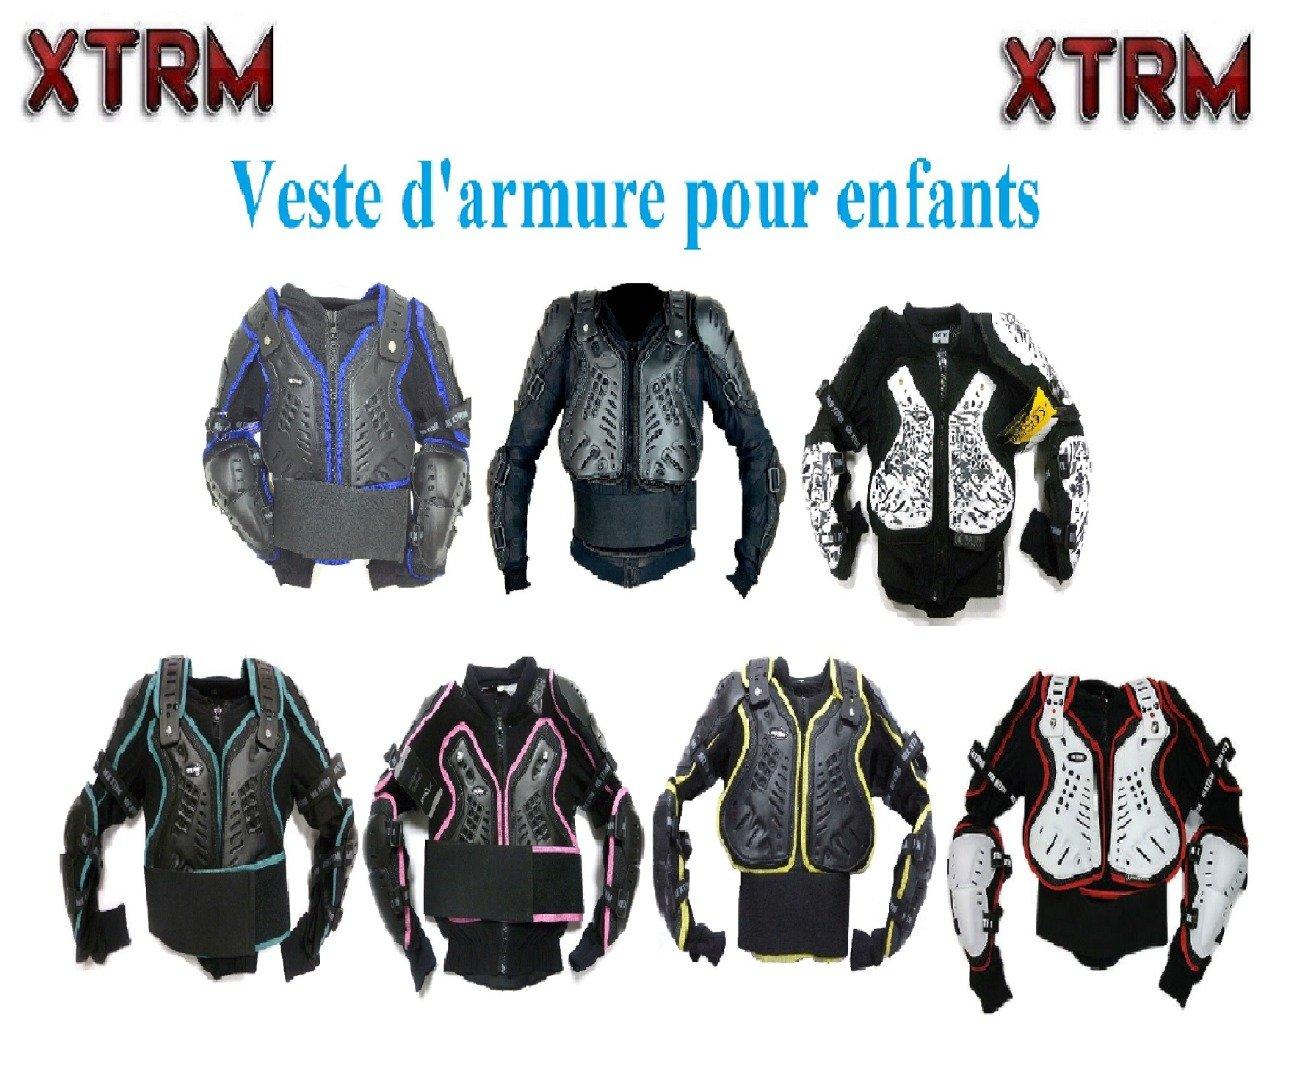 Motos Enfants Armure XTRM Enfant Corps Armor Vest Nouveau Motocross Quad MX Courses Hors-Piste Professionnel de Protection ATV Sport CE approuver Armure - Noir - 4 anné es/XS MOTOHART